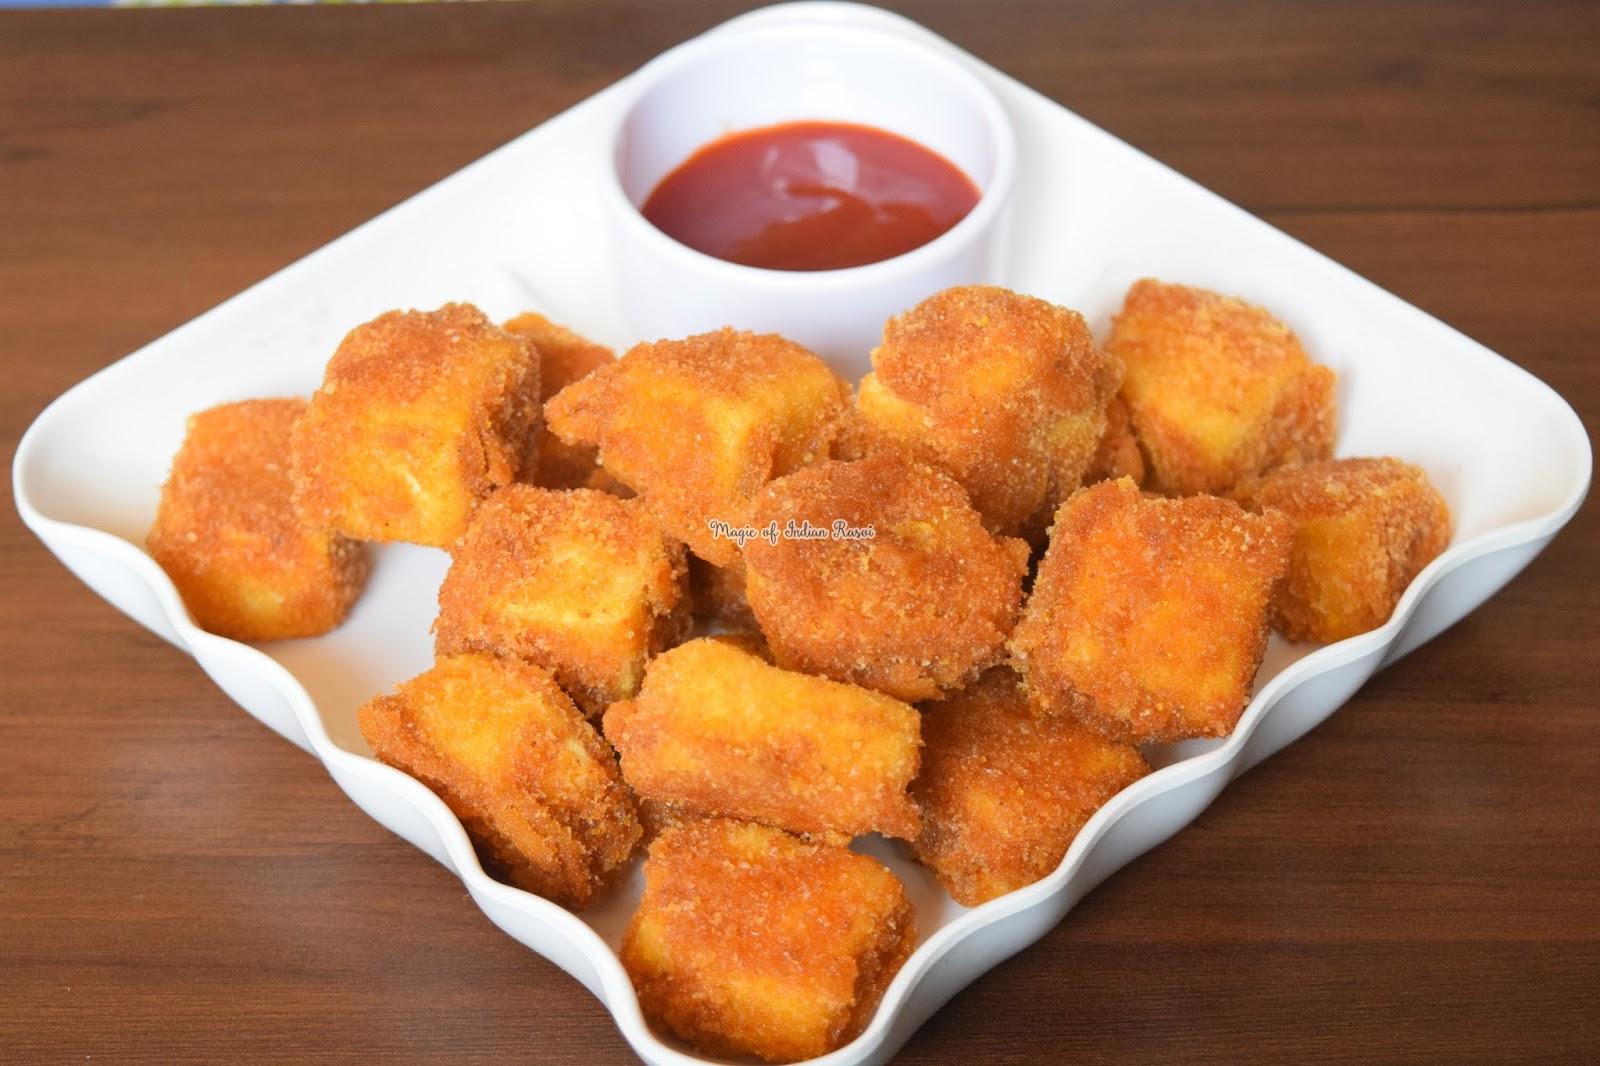 Paneer Nuggets - Quick & Easy Party Starter Recipe - पनीर नगेट्स - झटपट और आसानी से बनने वाले पार्टी स्टार्टर रेसिपी - Priya R - Magic of Indian Rasoi